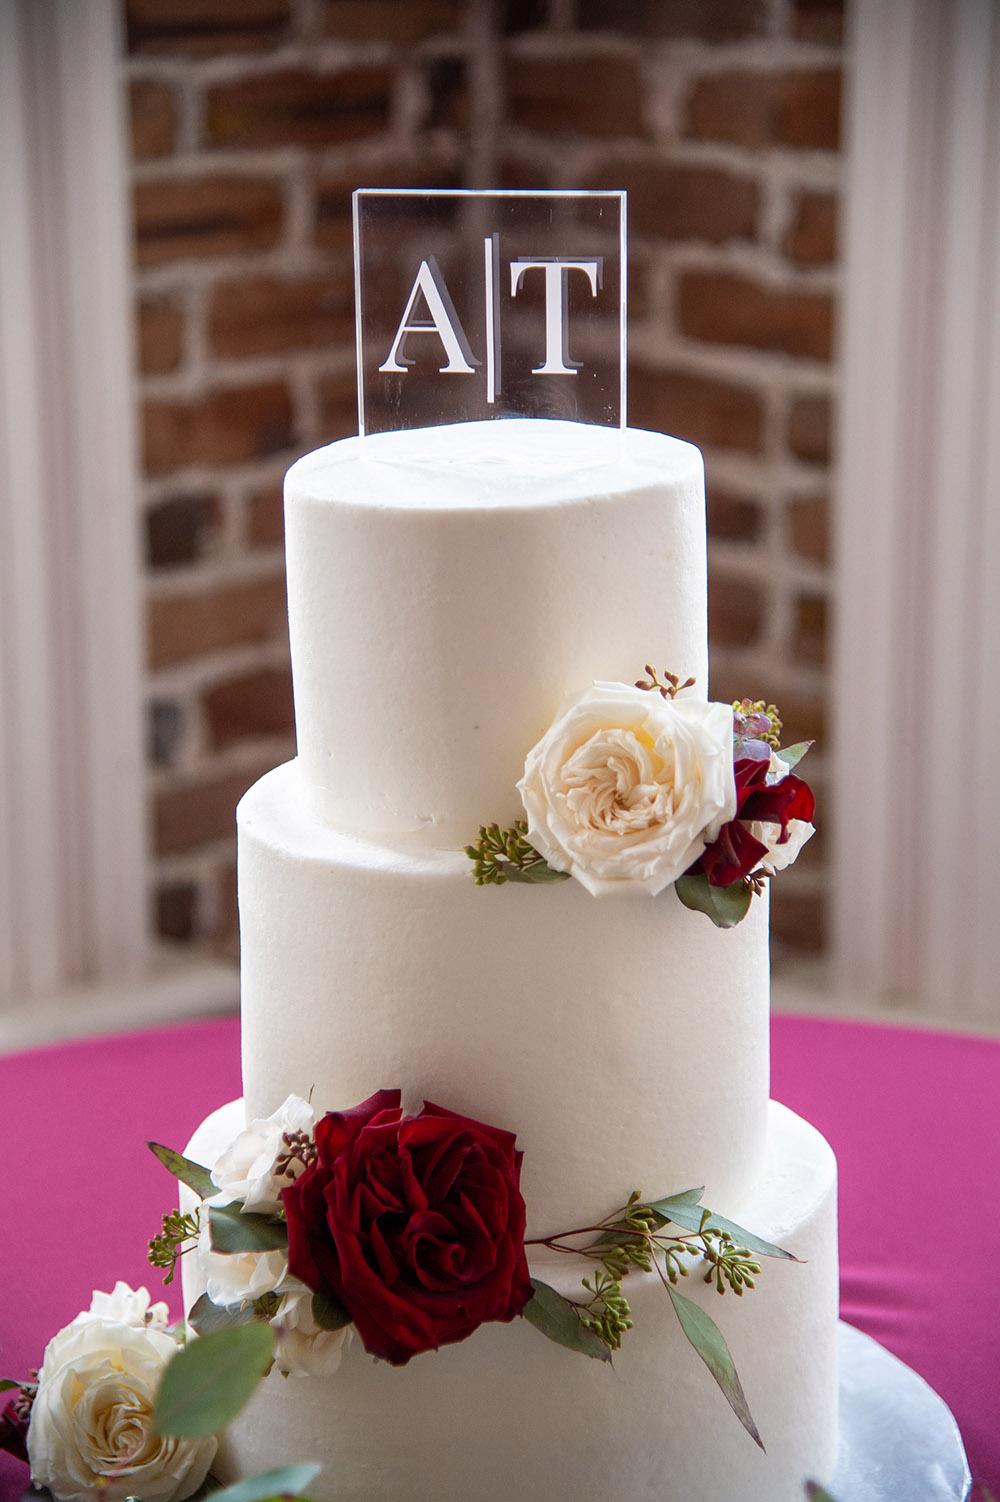 the wedding cake by Gambino's Bakery